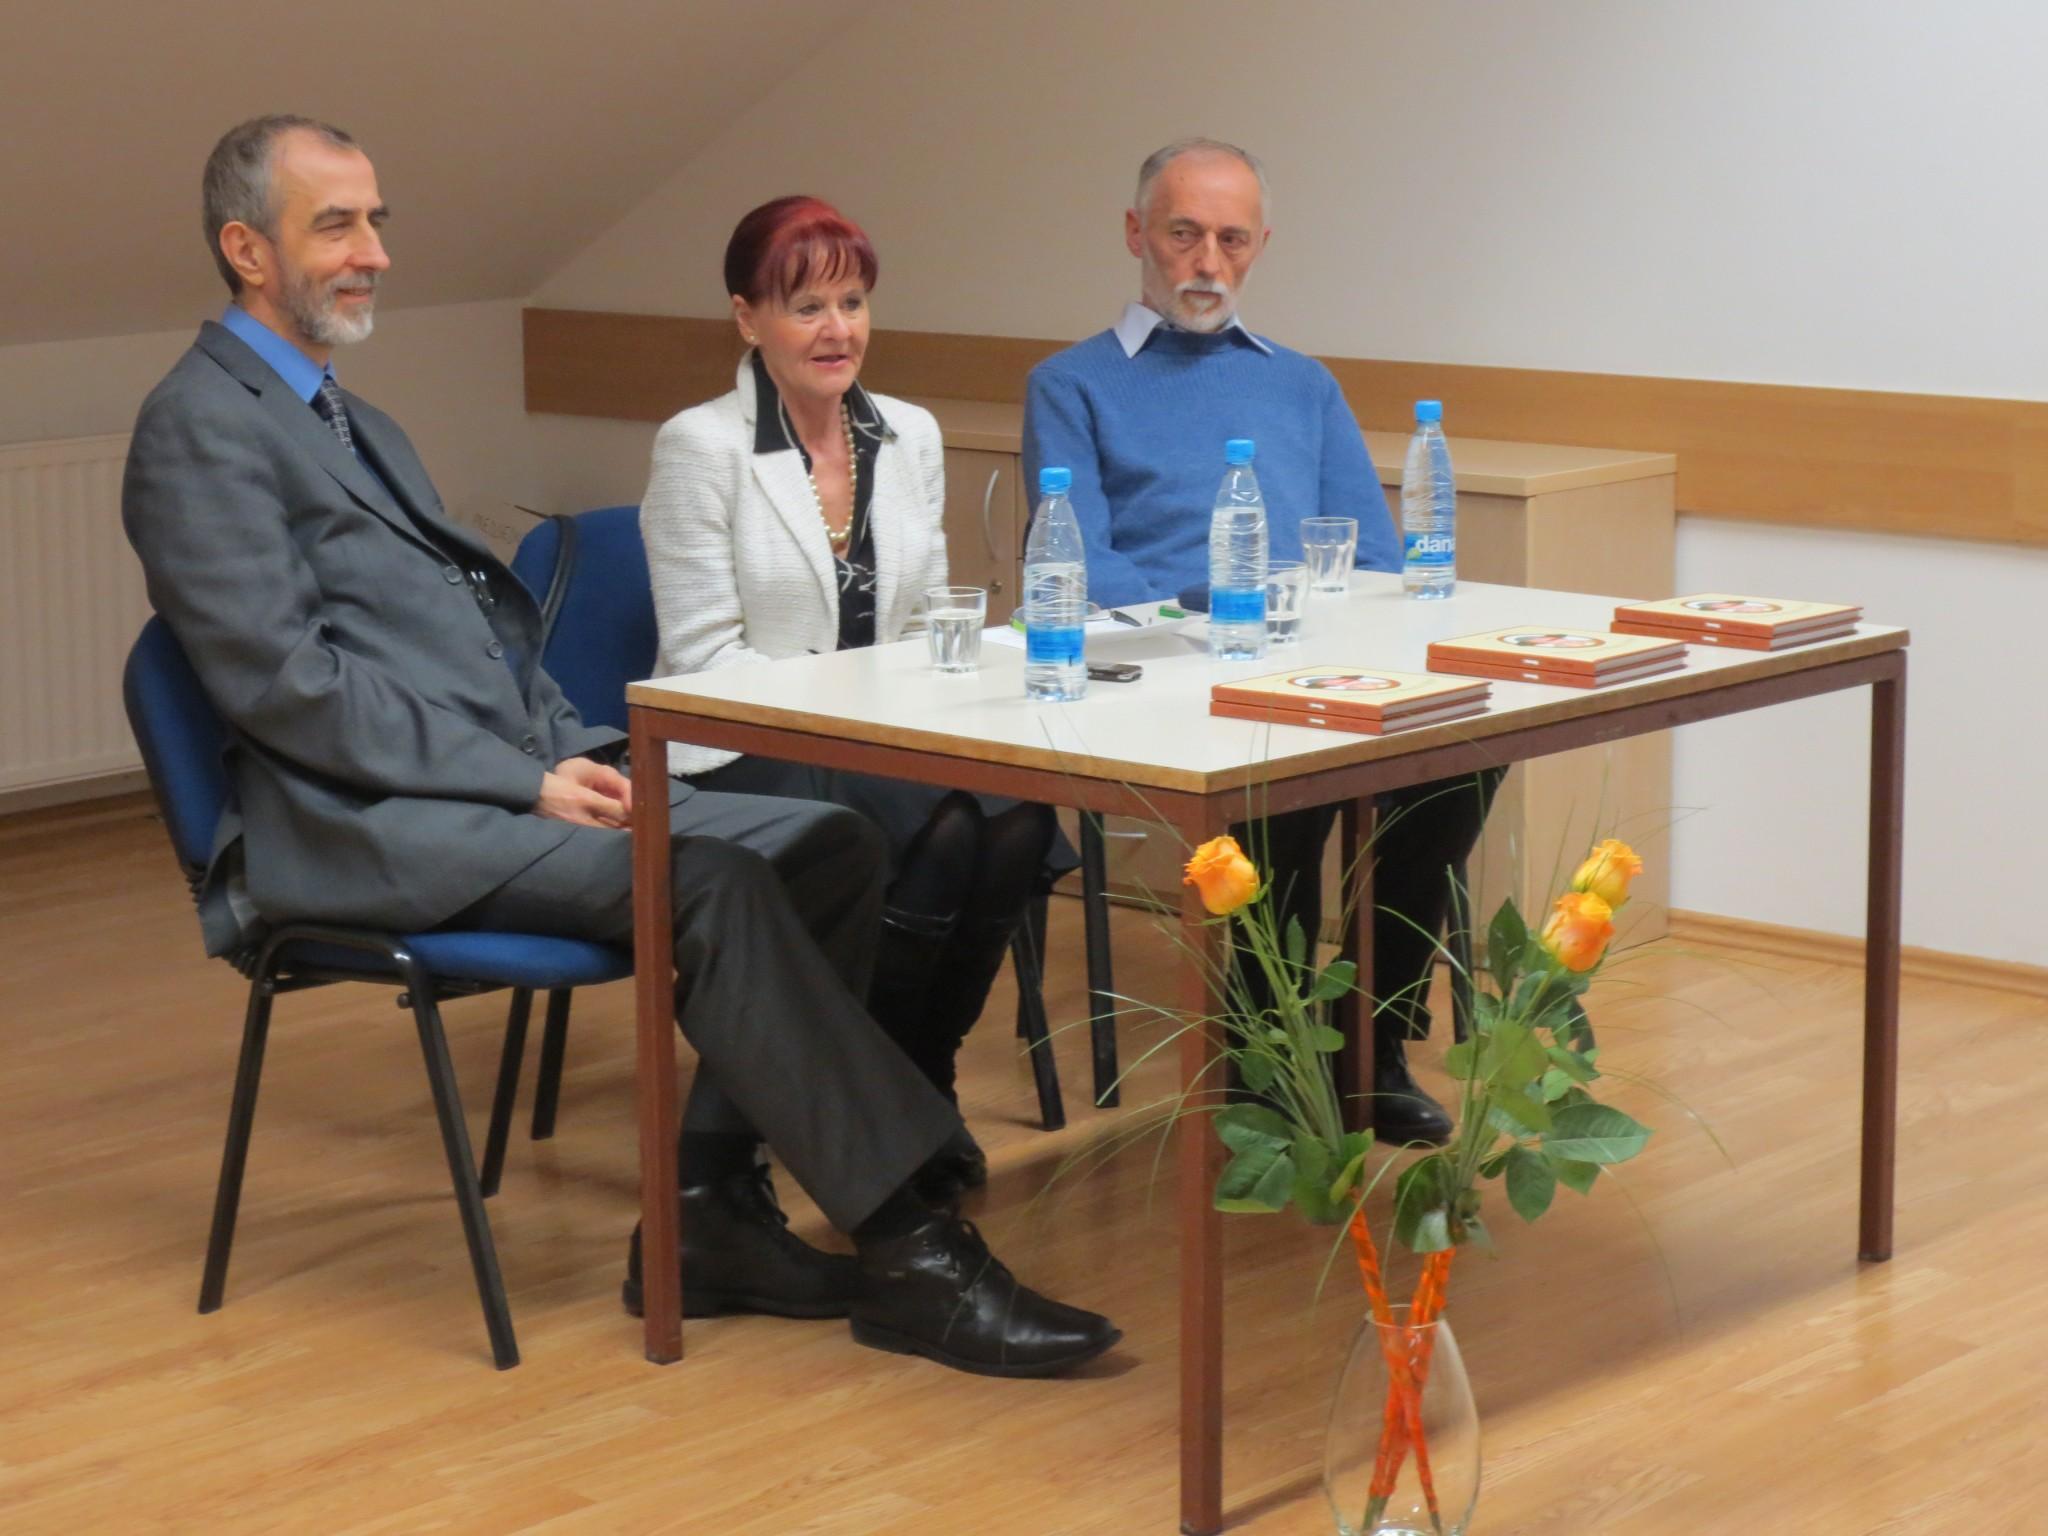 IMG 3500 - Milan Jazbec: Diplomat Martin Krpan